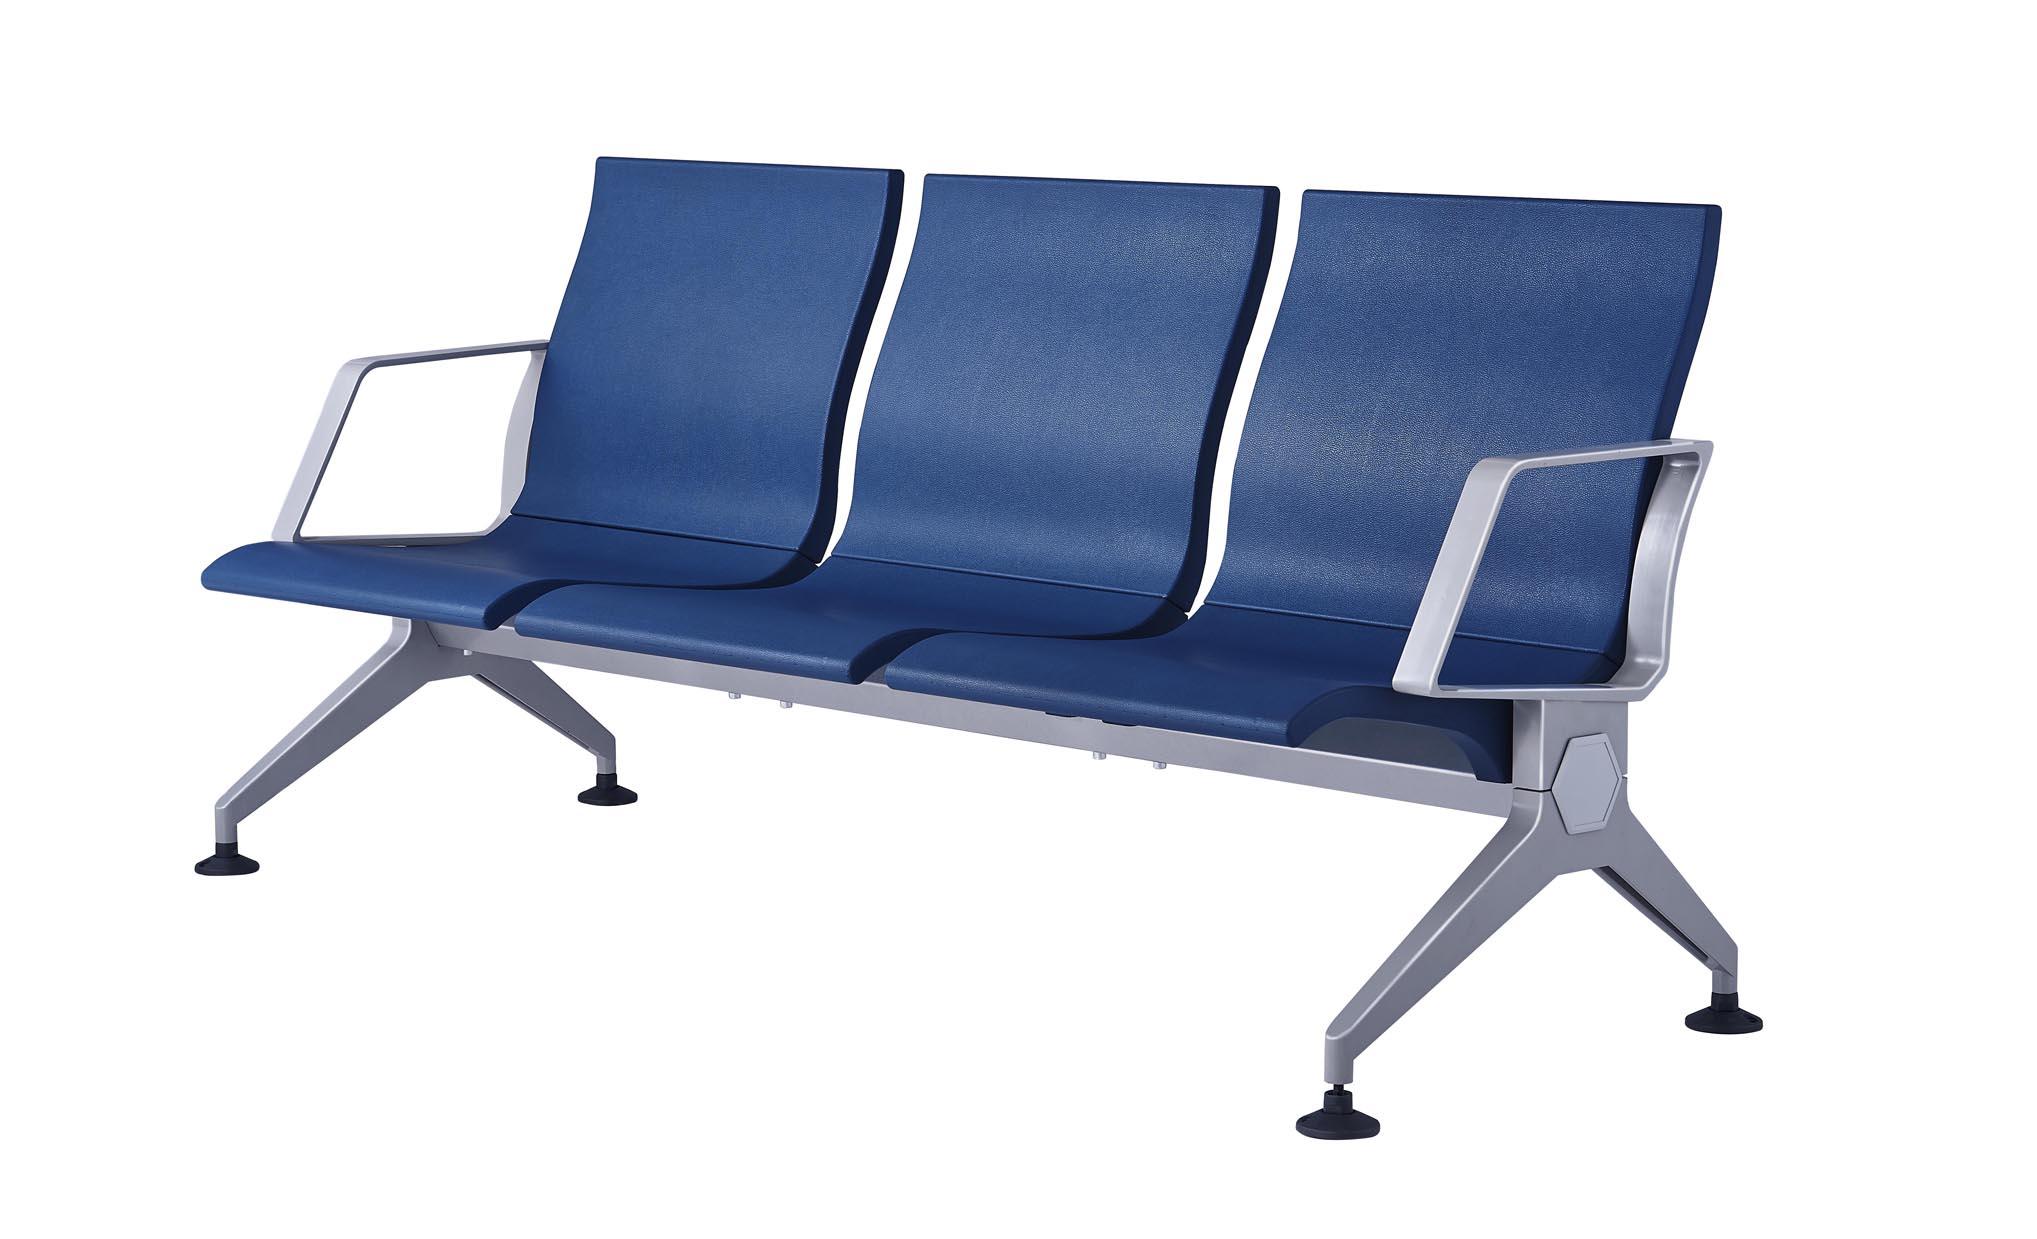 等候椅系列